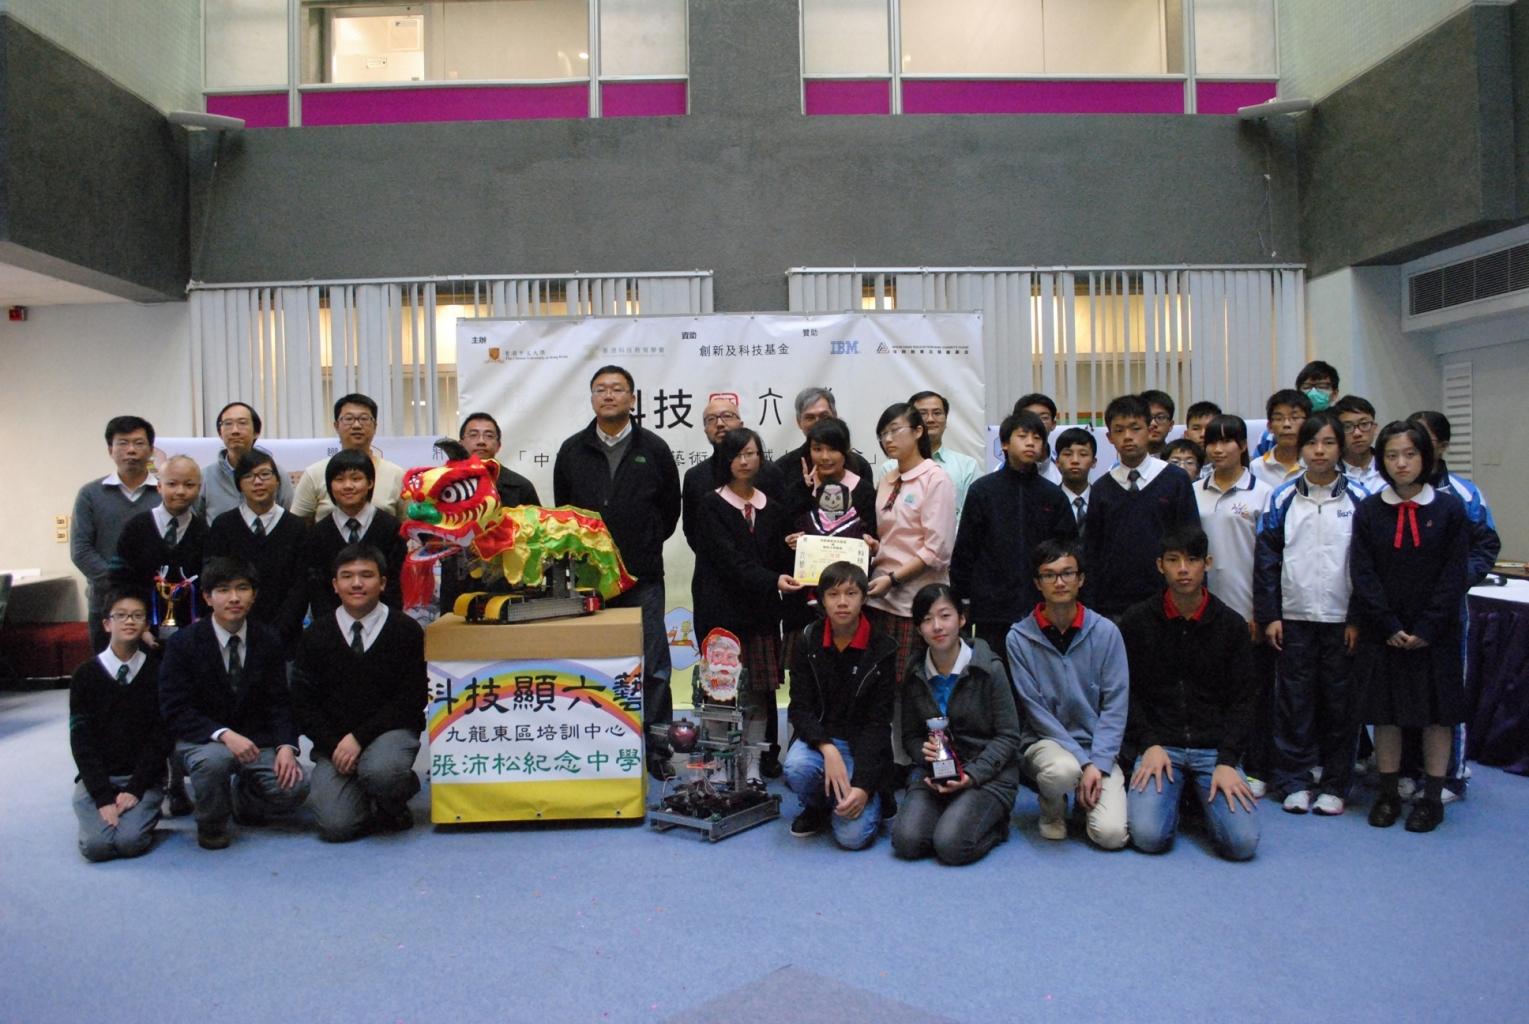 「科技顯六藝」機械人創意比賽「禮」藝組得獎隊伍。